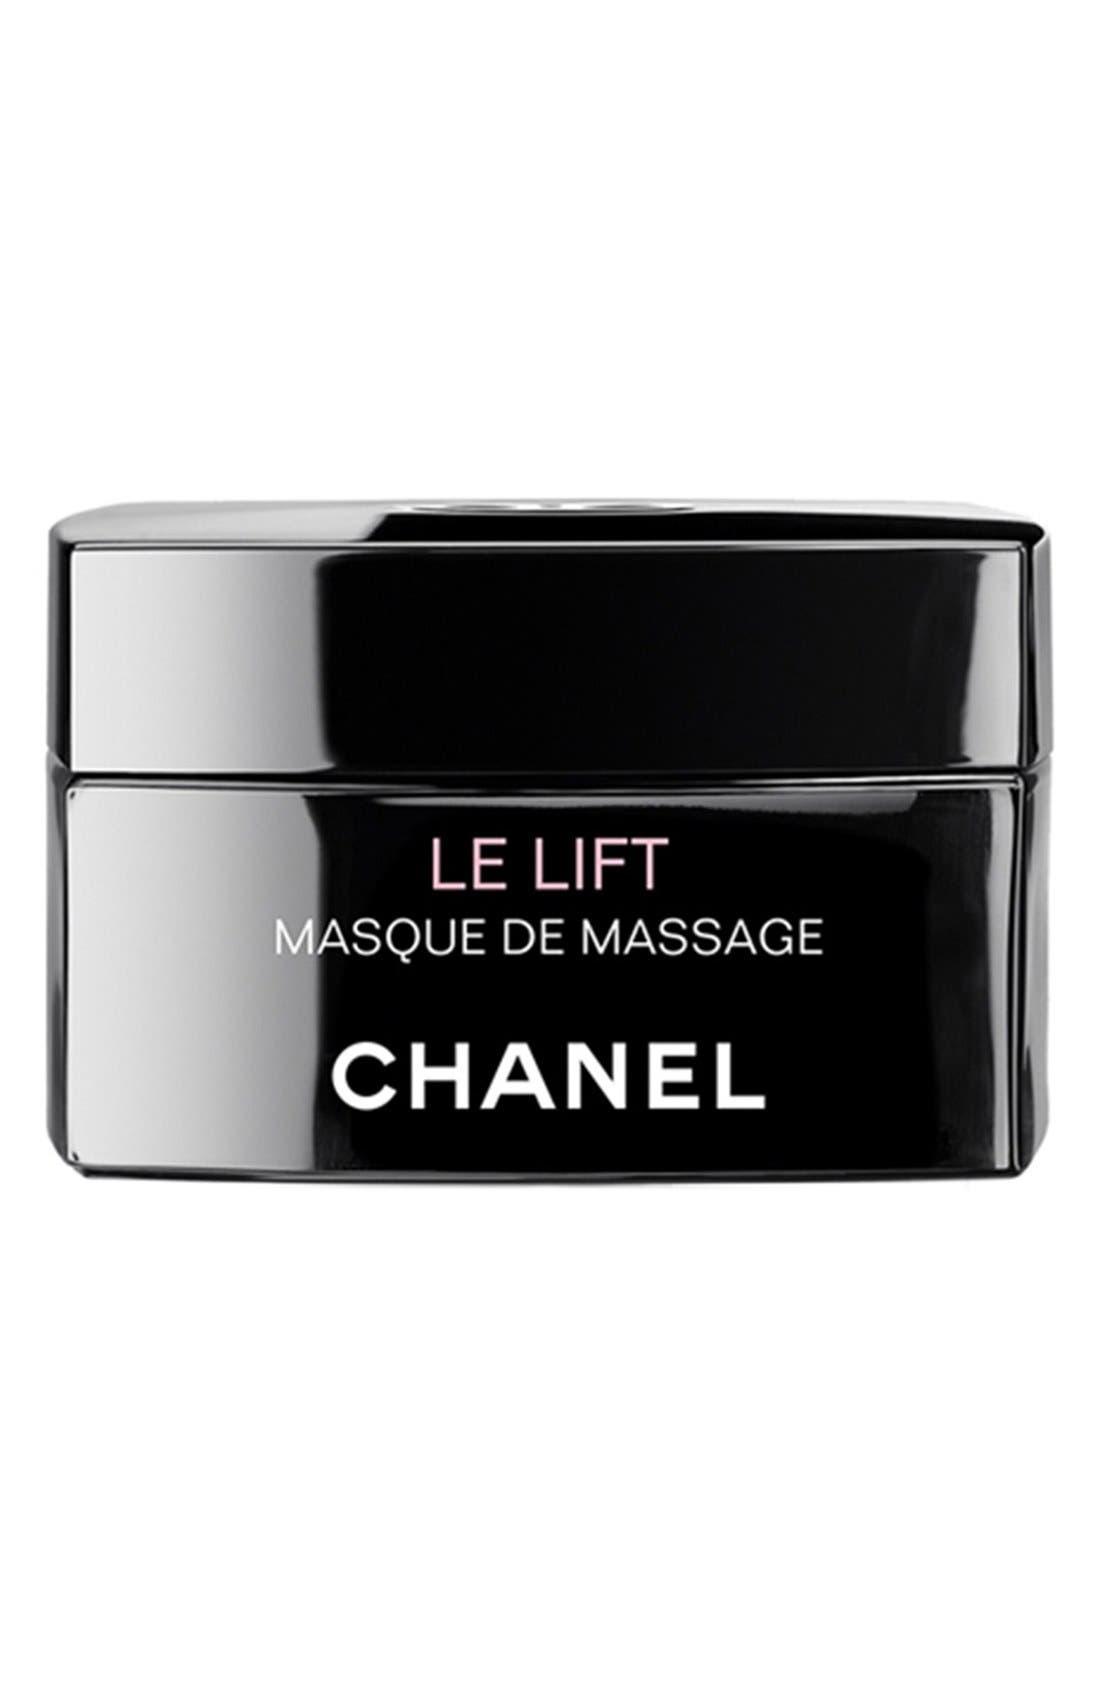 LE LIFT MASQUE DE MASSAGE<br />Firming Anti-Wrinkle Recontouring Massage Mask,                             Alternate thumbnail 2, color,                             NO COLOR